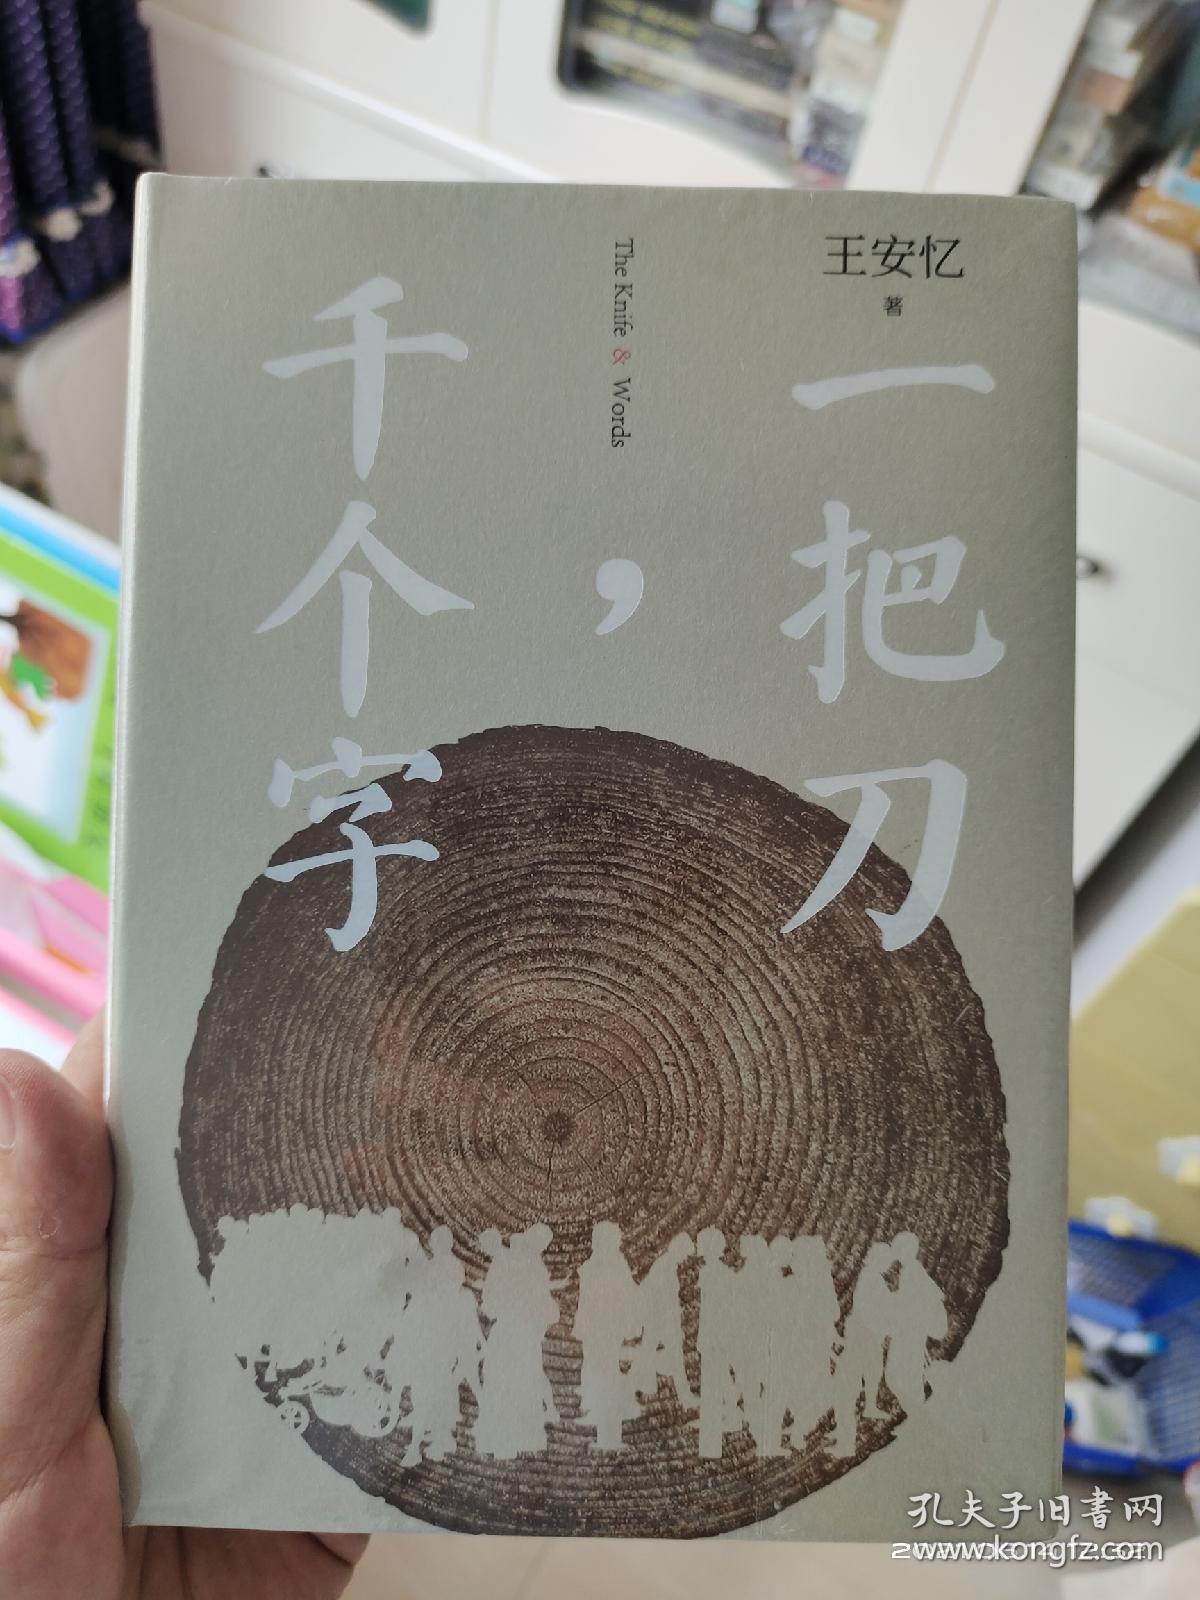 王安忆签名 日期  一把刀千个字  低价出售